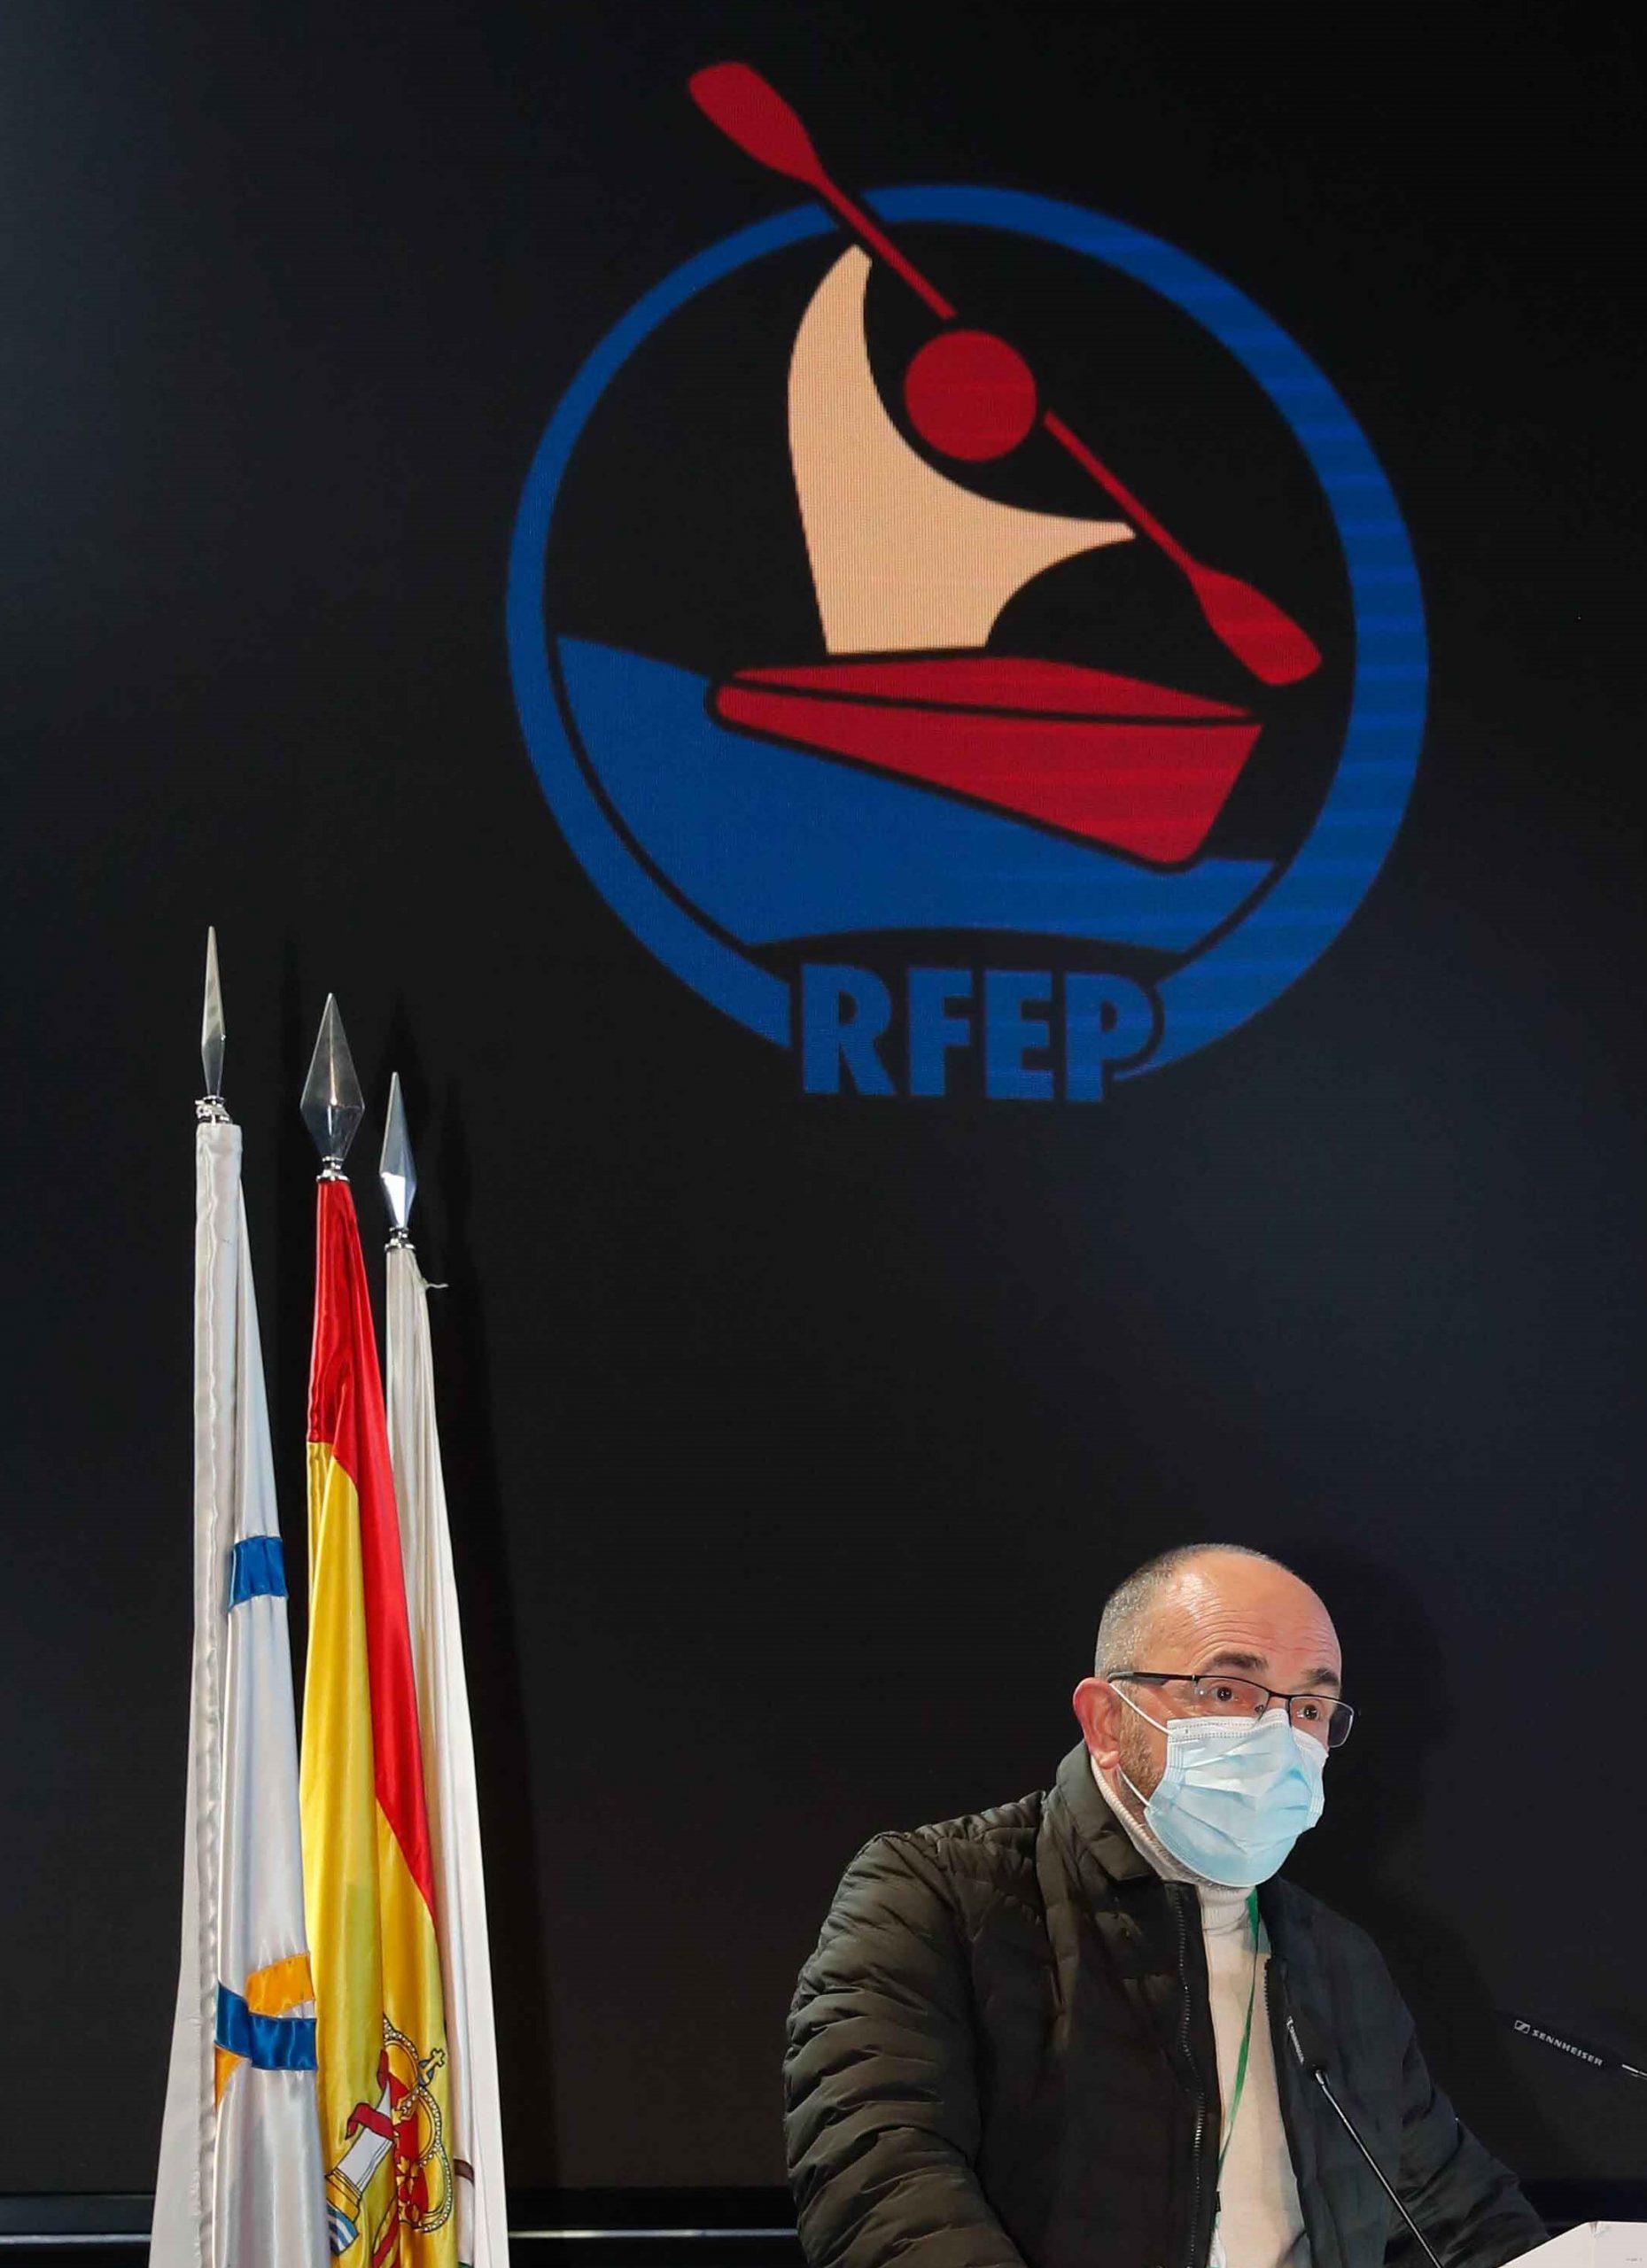 Pedro Pablo Barrios. Fuente: RFEP